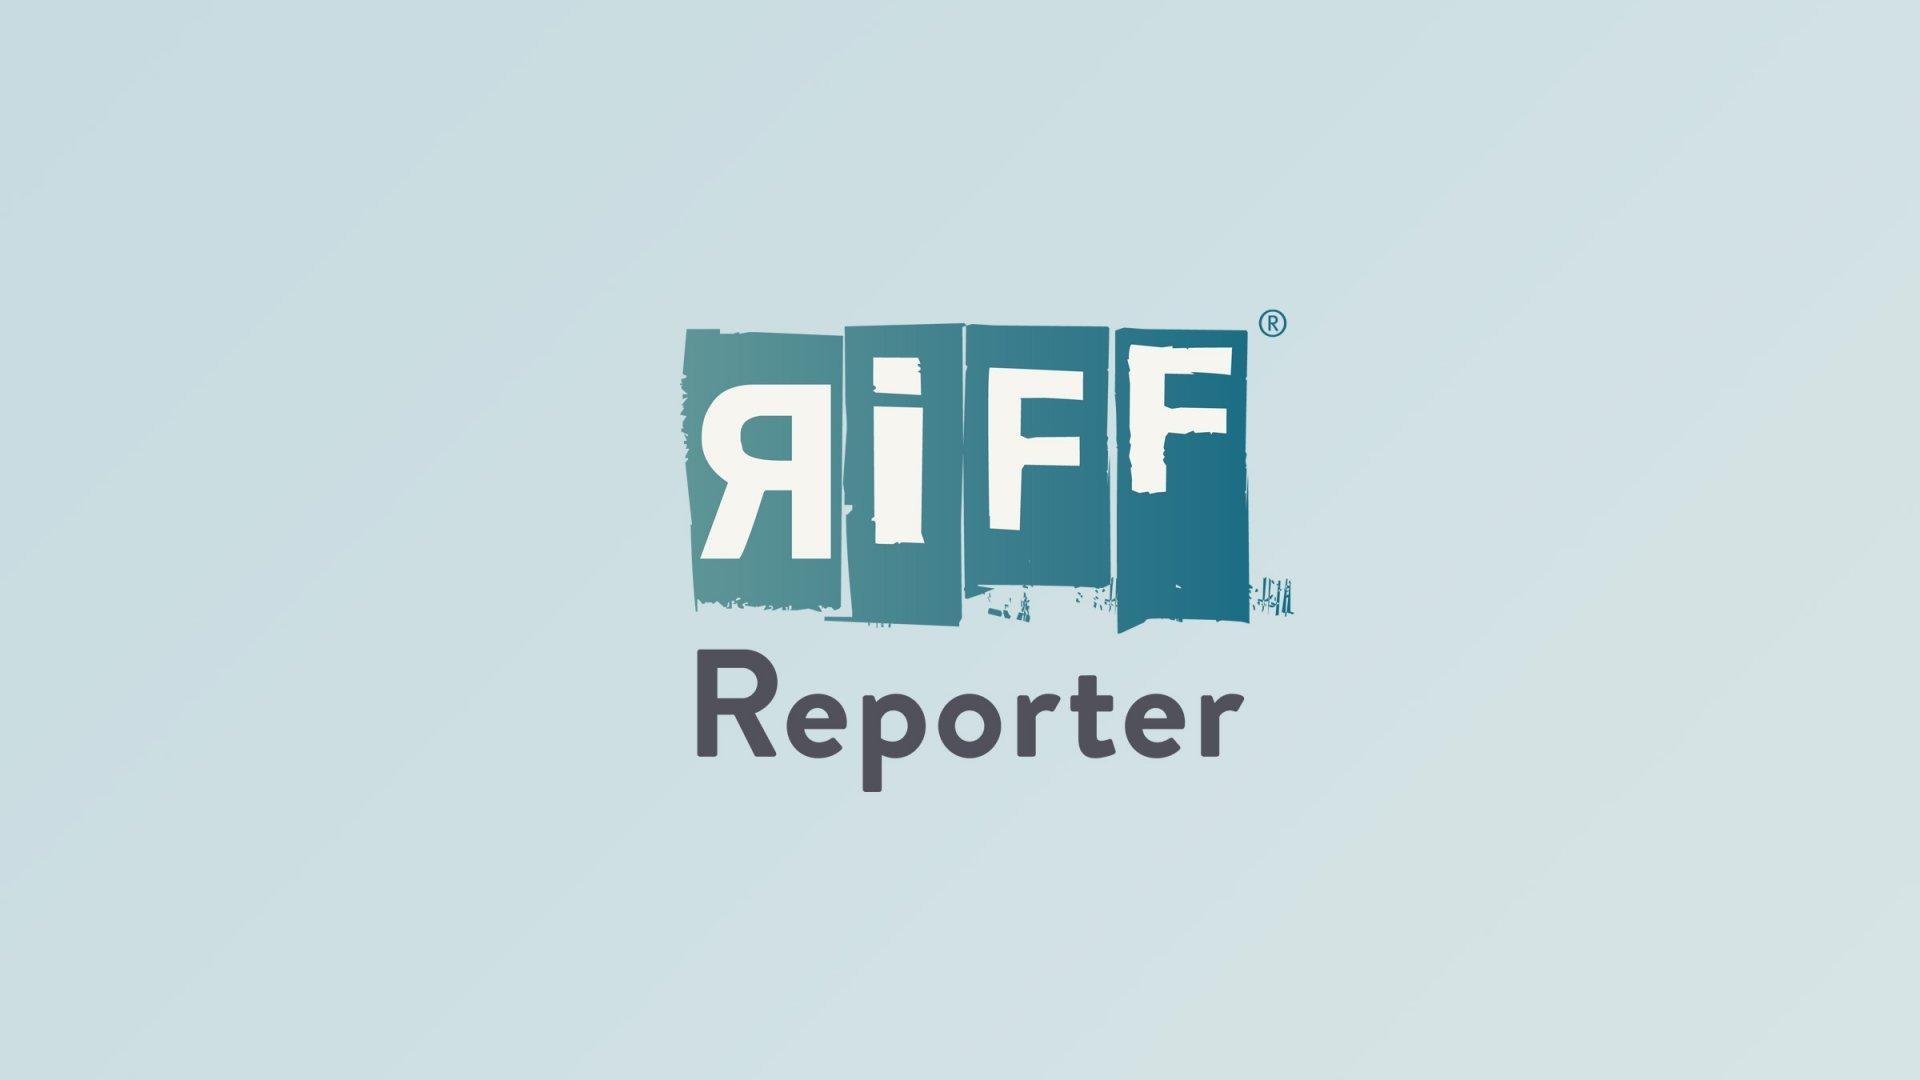 Eine Raumsonde im Erdorbit, angeschnitten ein Teil der silibrigen Segeloberfläche. Im Hintergrund schwarzer Himmel und ein Teil Kaliforniens.